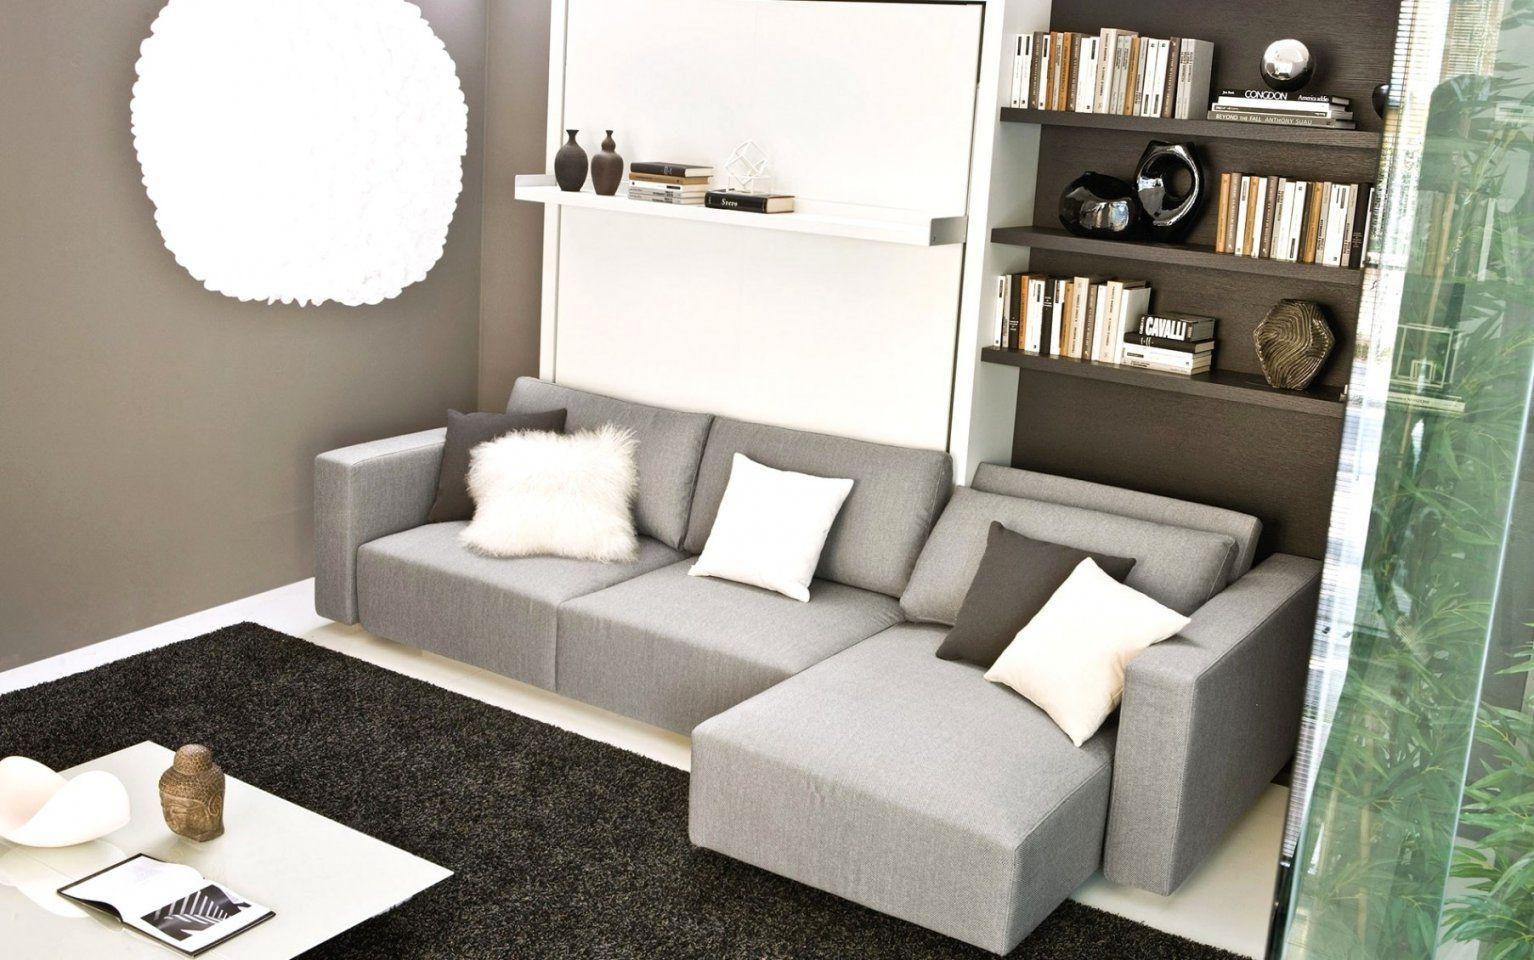 Schön Günstige Ideen Clei Bett Und Bemerkenswerte Designer von Wohnwand Mit Integriertem Bett Photo